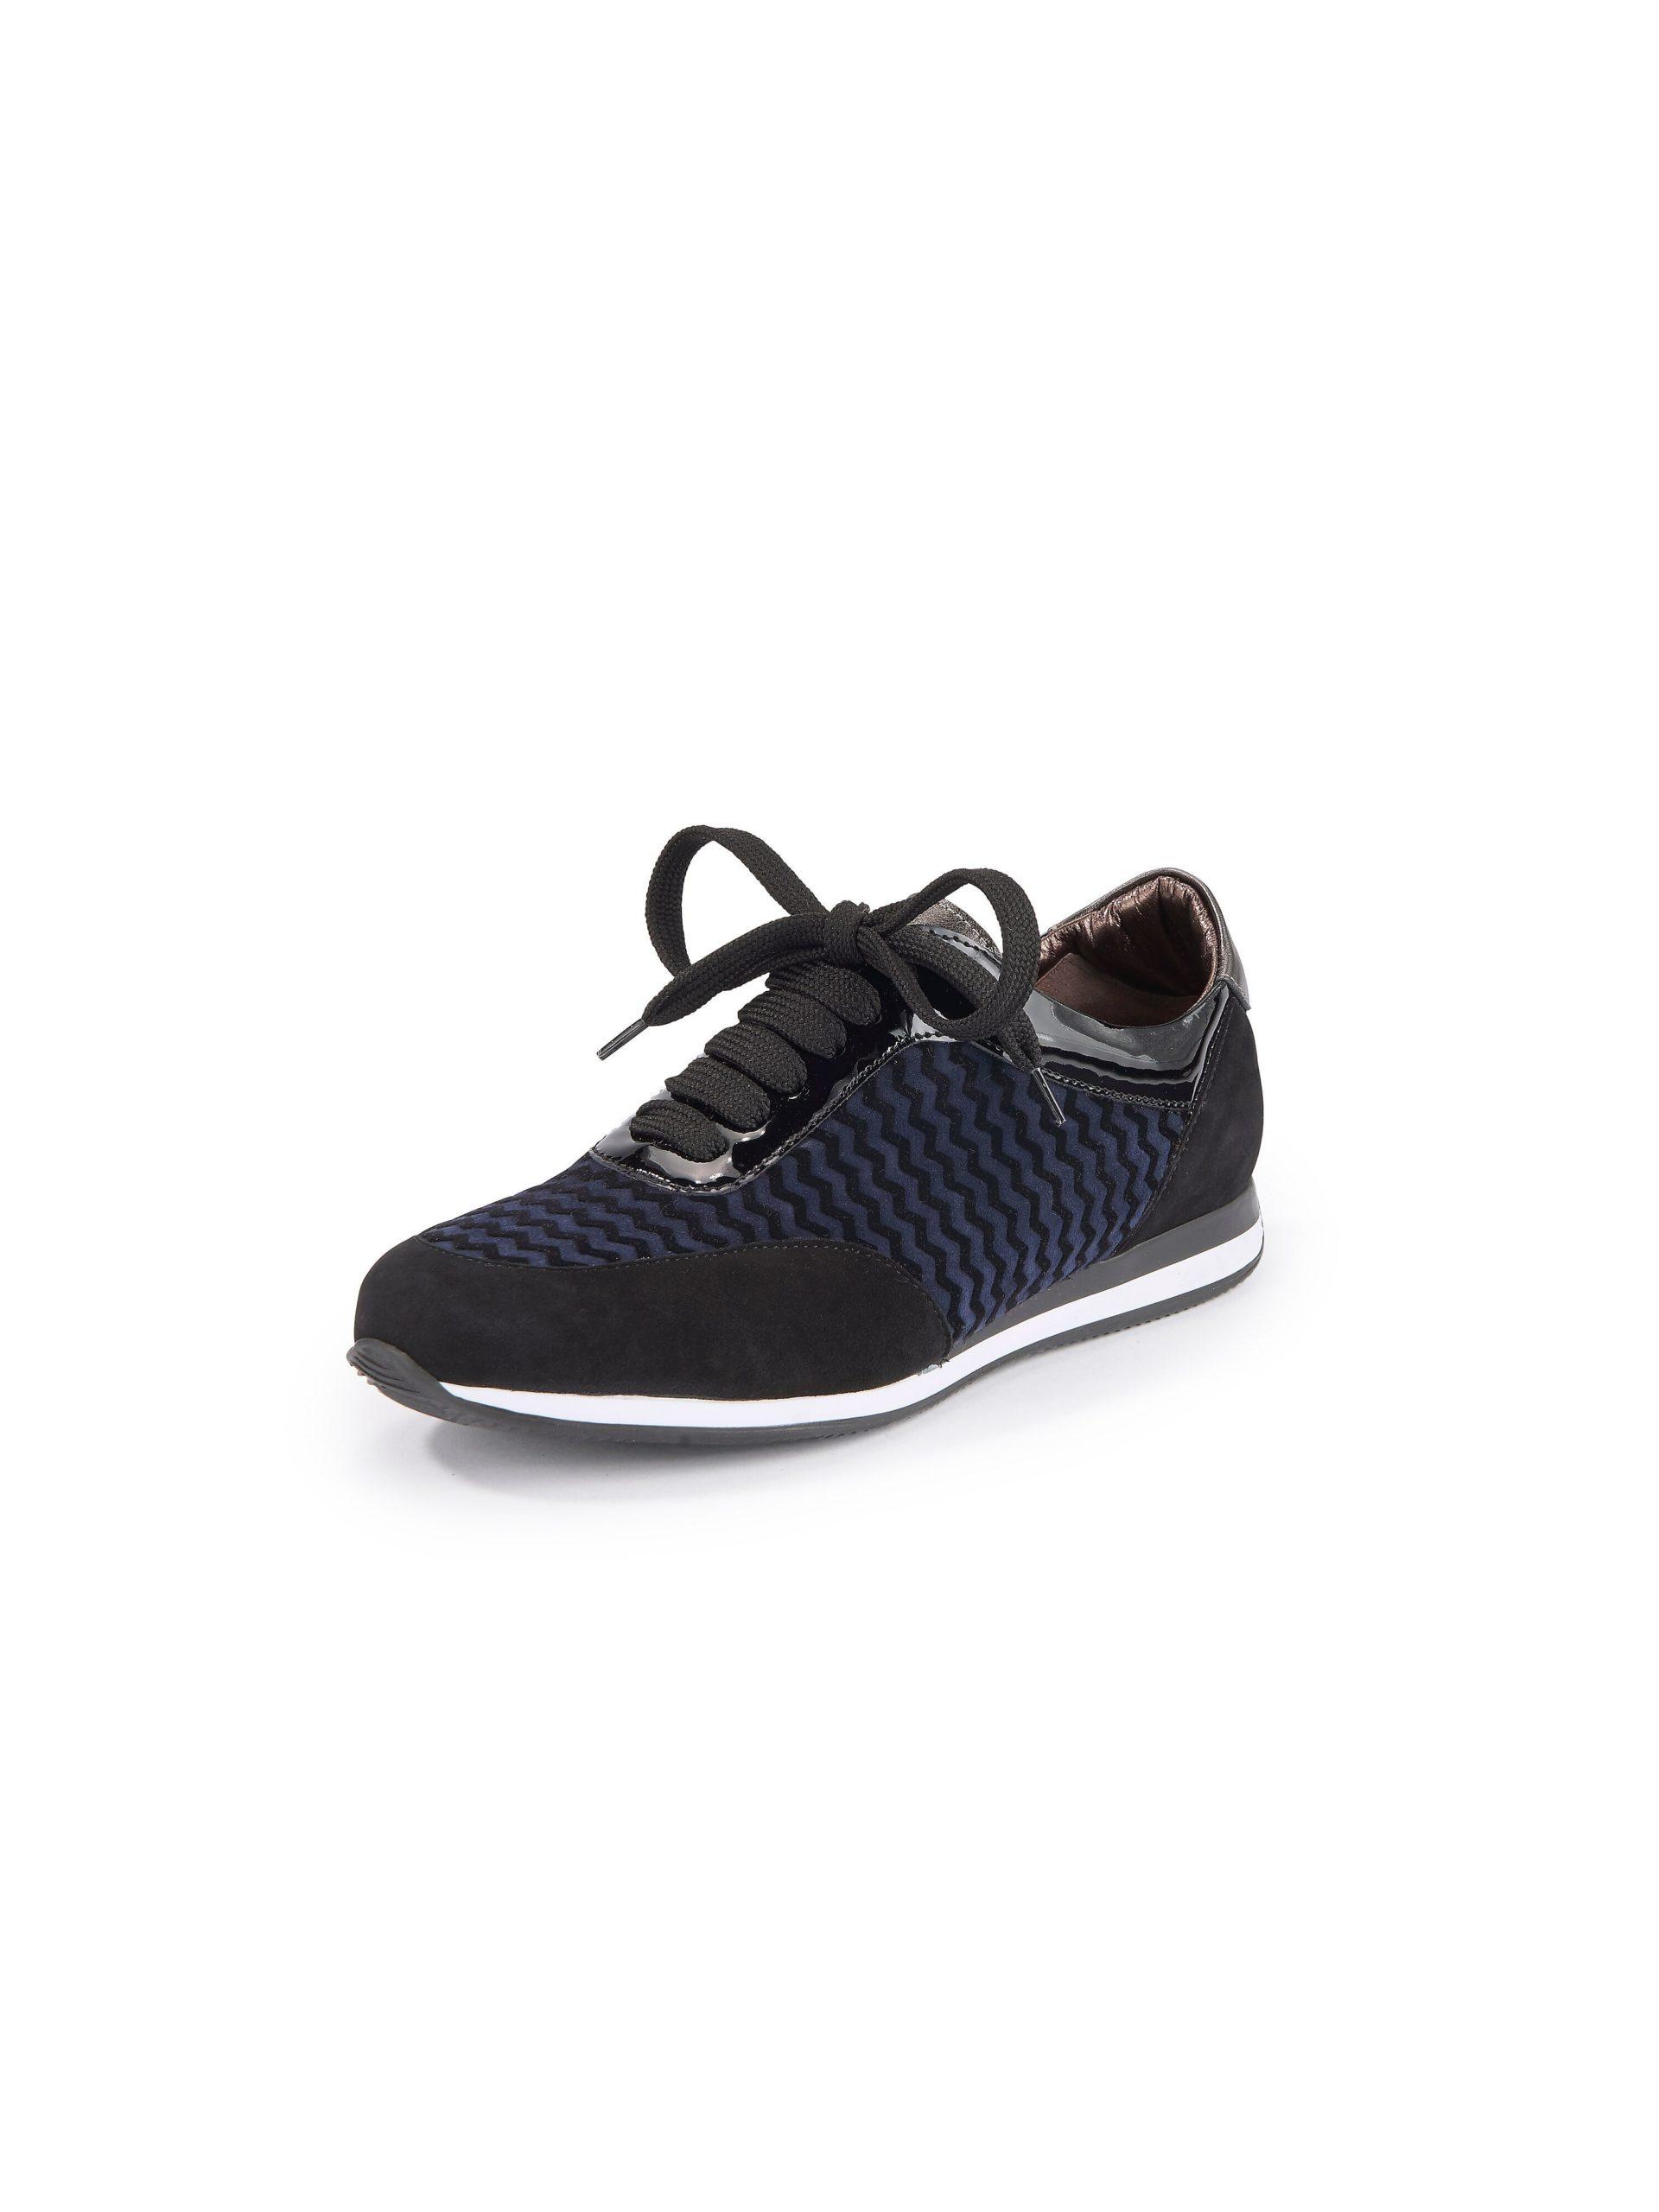 Sneakers Van Peter Hahn exquisit multicolour Kopen